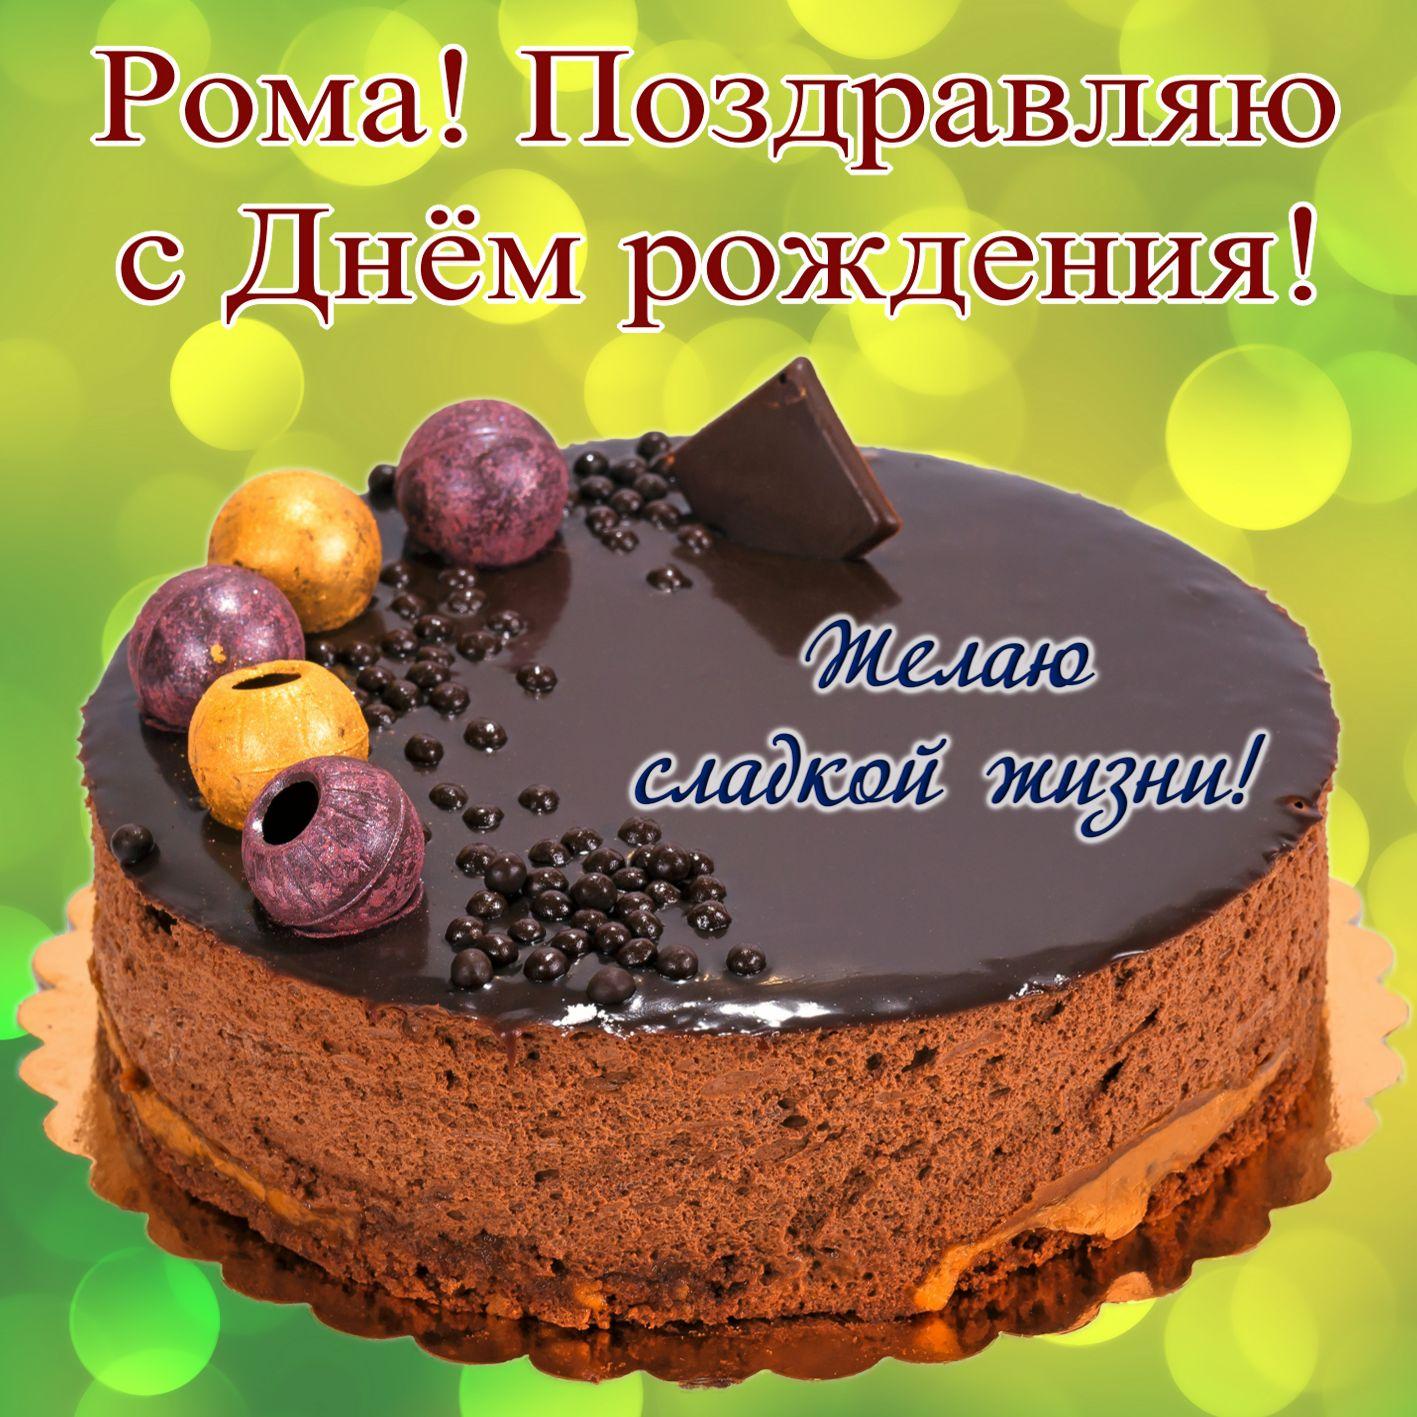 Поздравление с днем рождения мужчине другу муз обосновался тамбовской